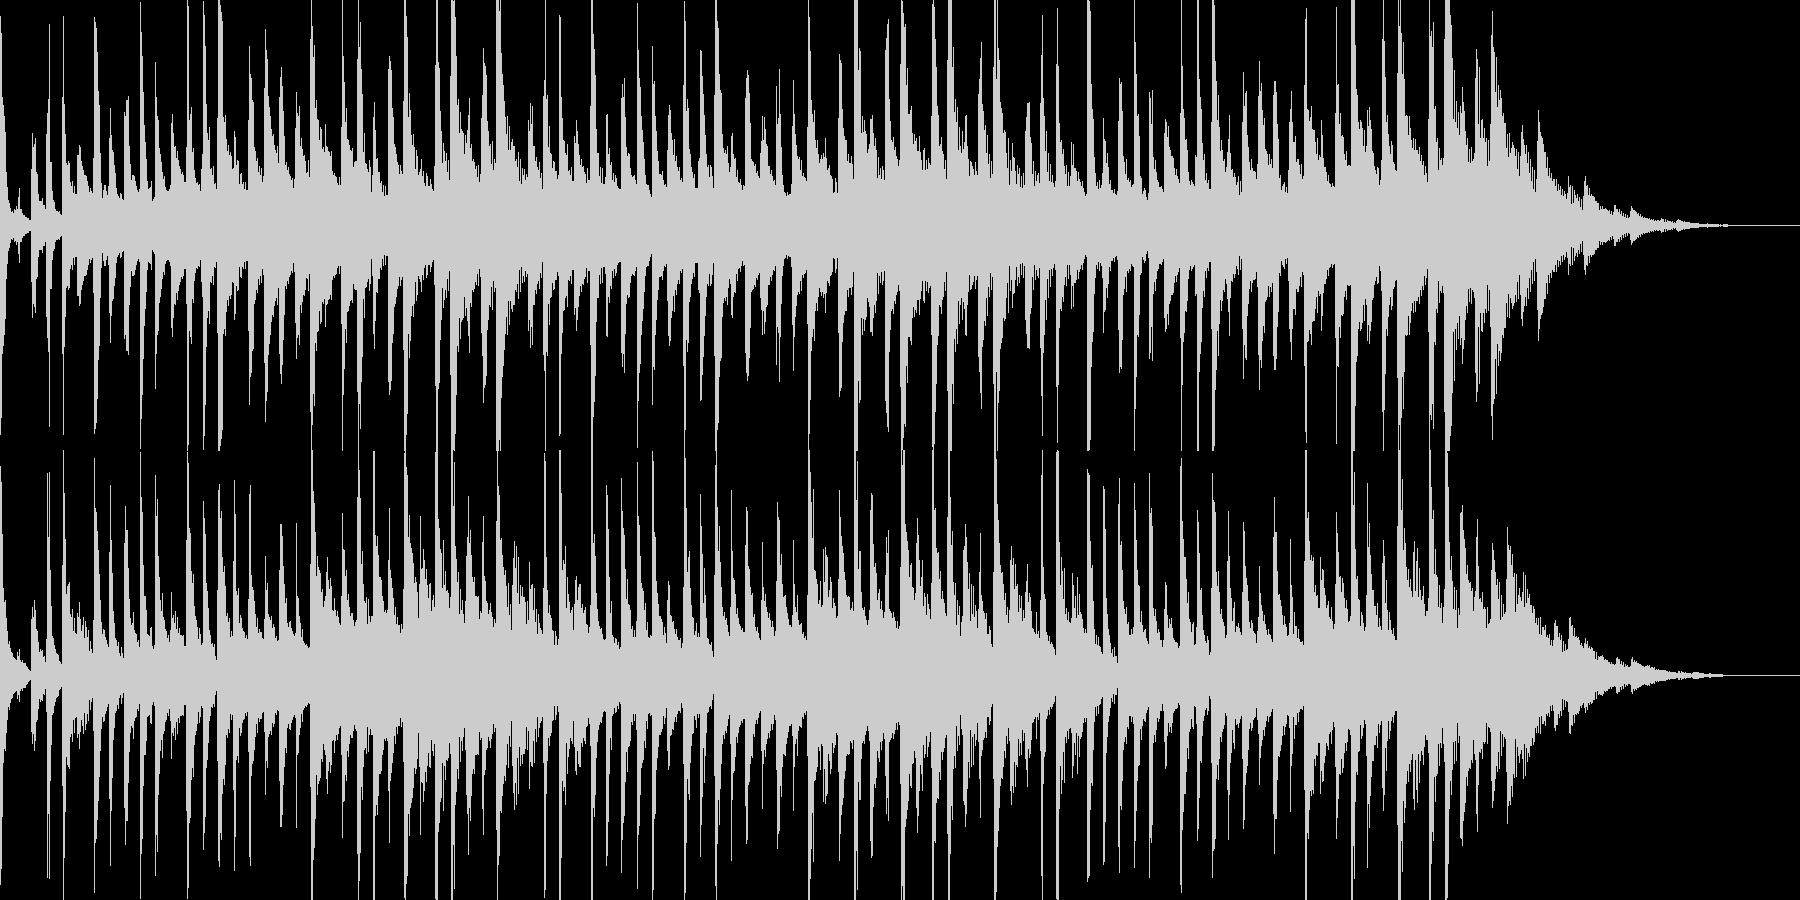 キラキラしたハウステイストのBGMの未再生の波形